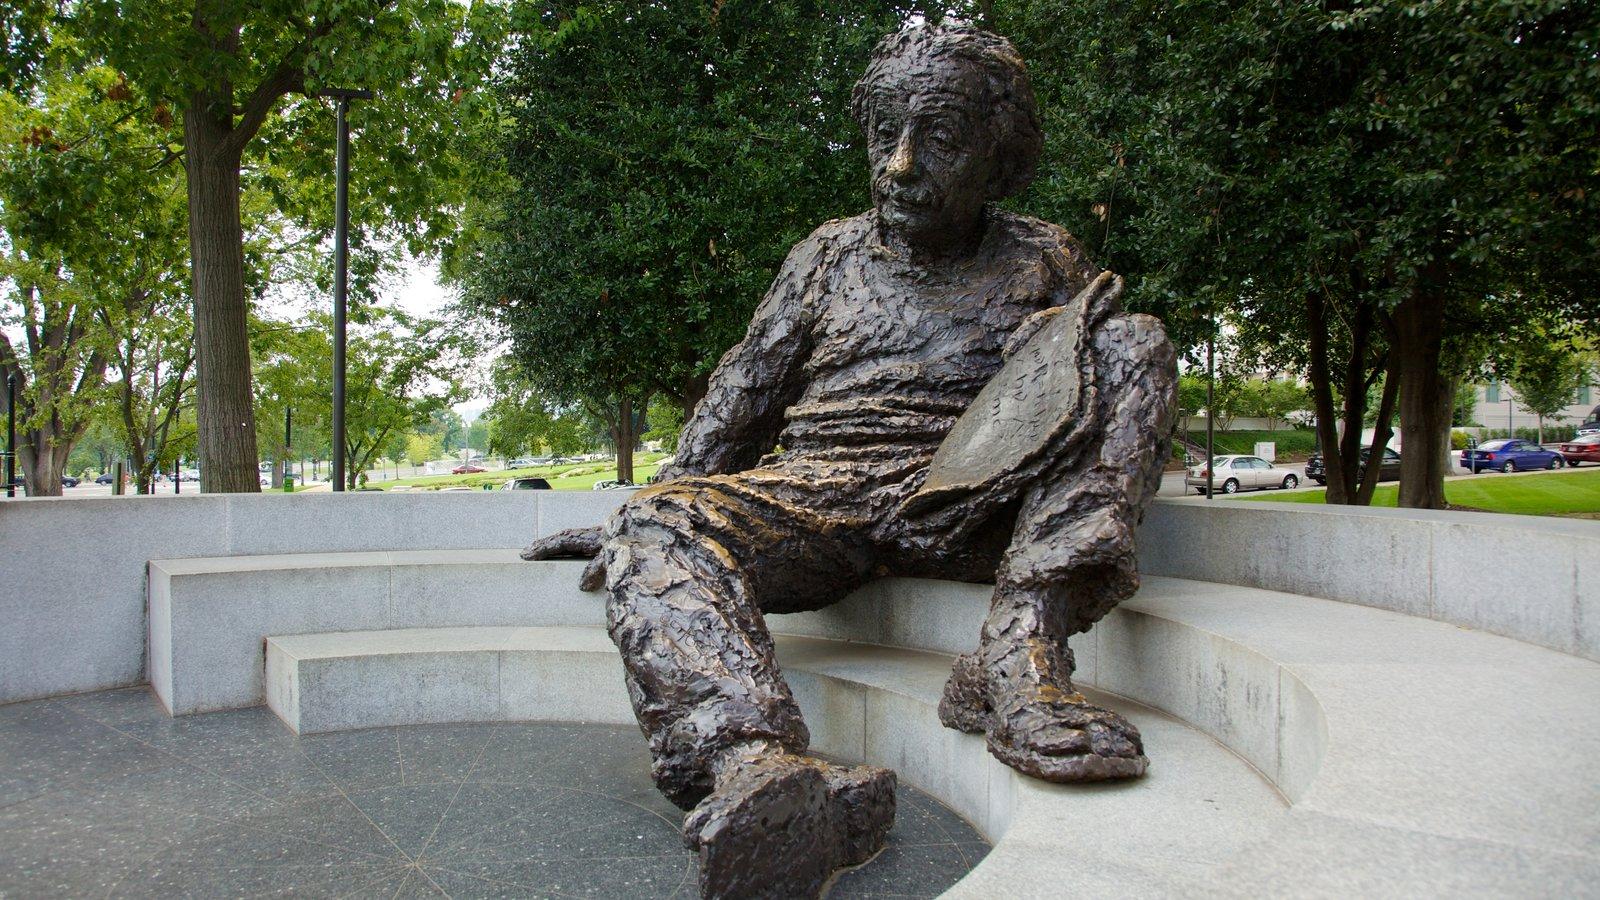 National Mall mostrando um monumento, uma estátua ou escultura e um parque